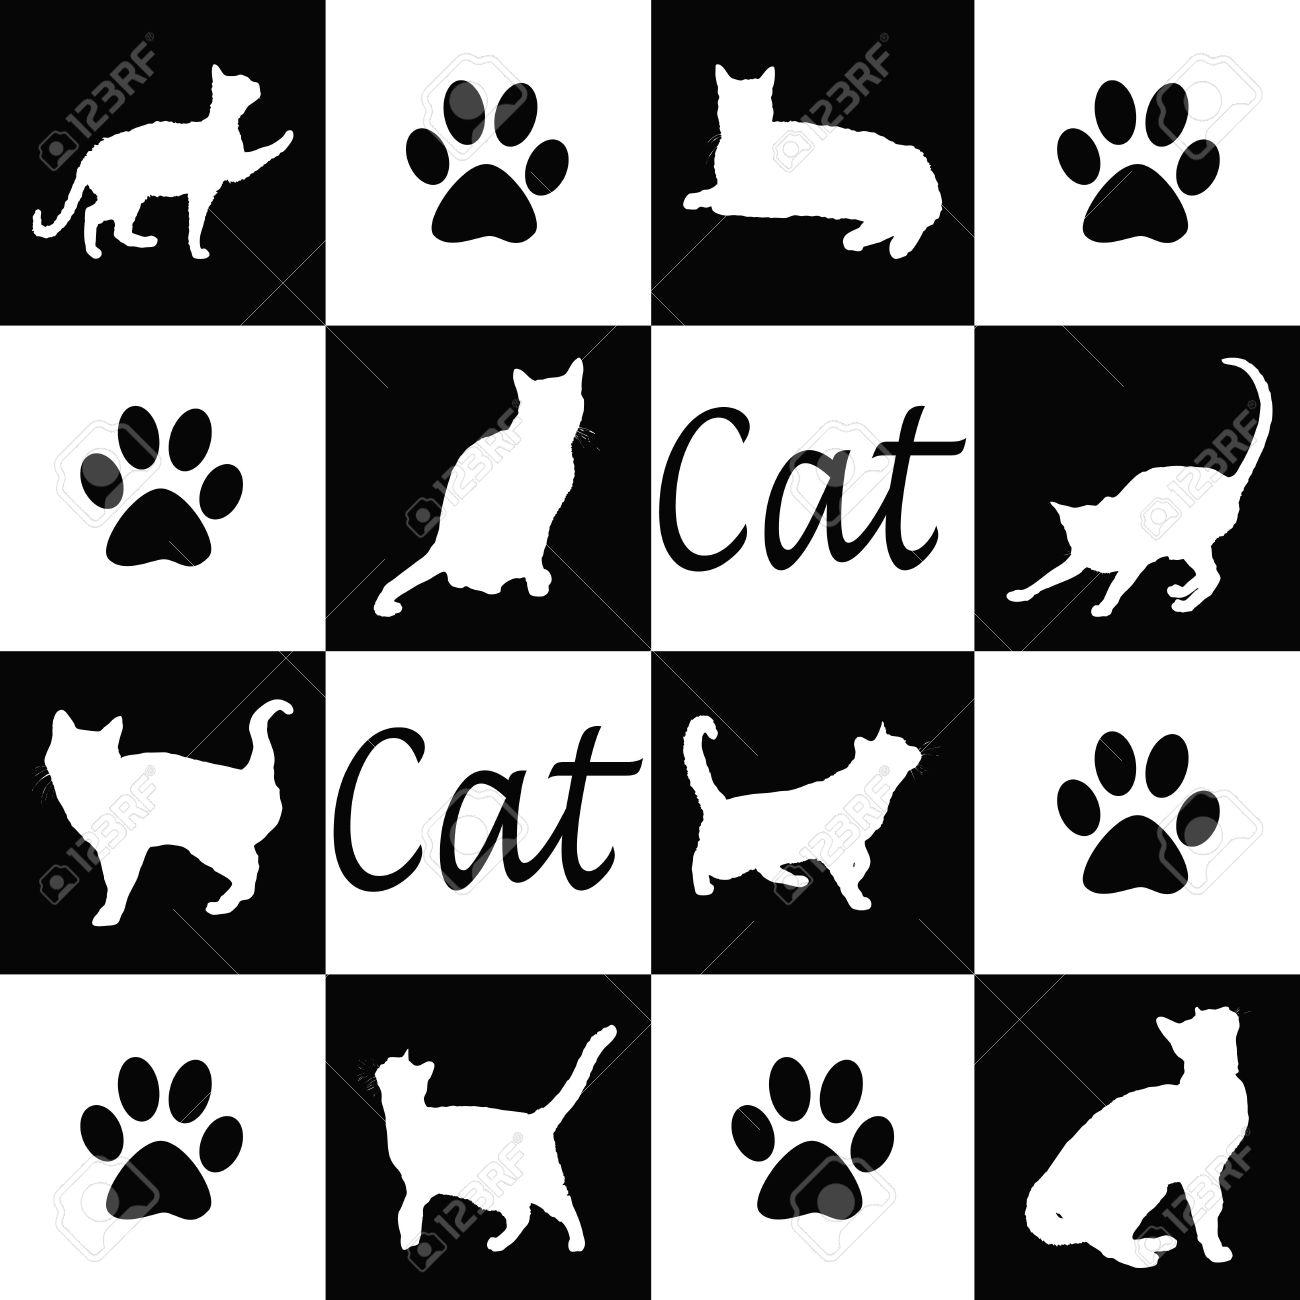 黒と白の猫シルエット壁紙します の写真素材 画像素材 Image